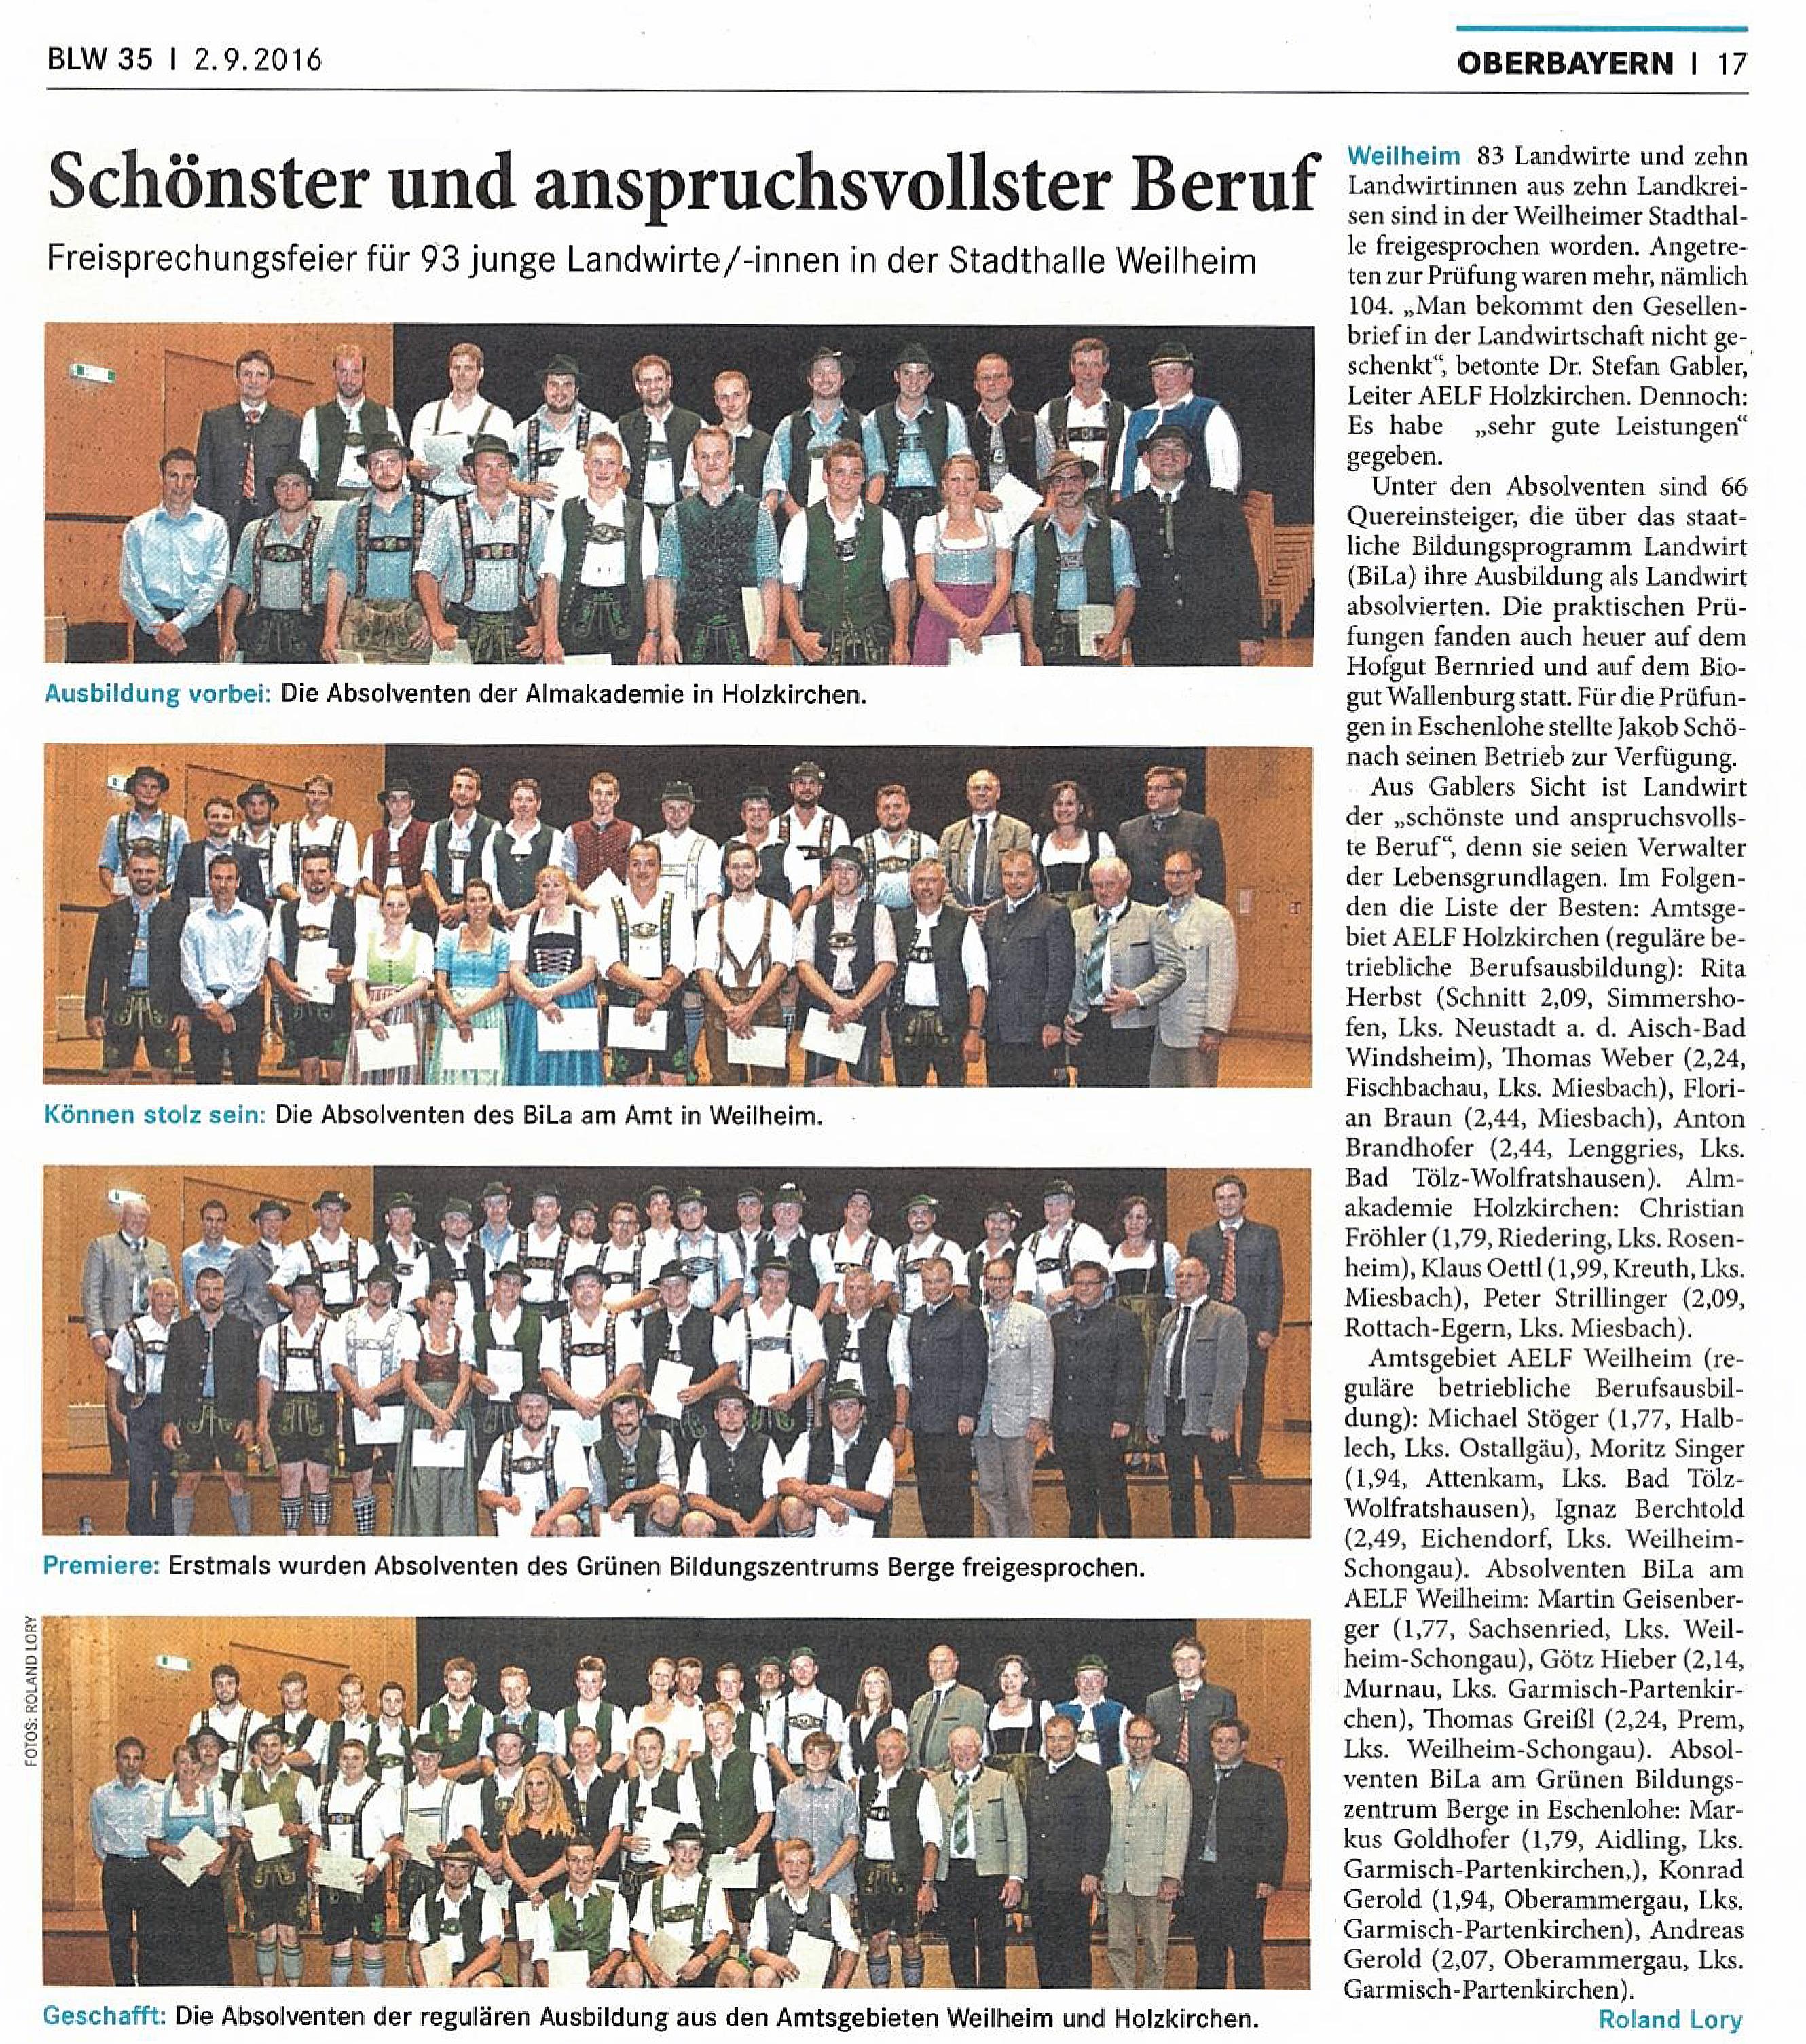 Landwirtschaftliches Wochenblatt 2.09.2016